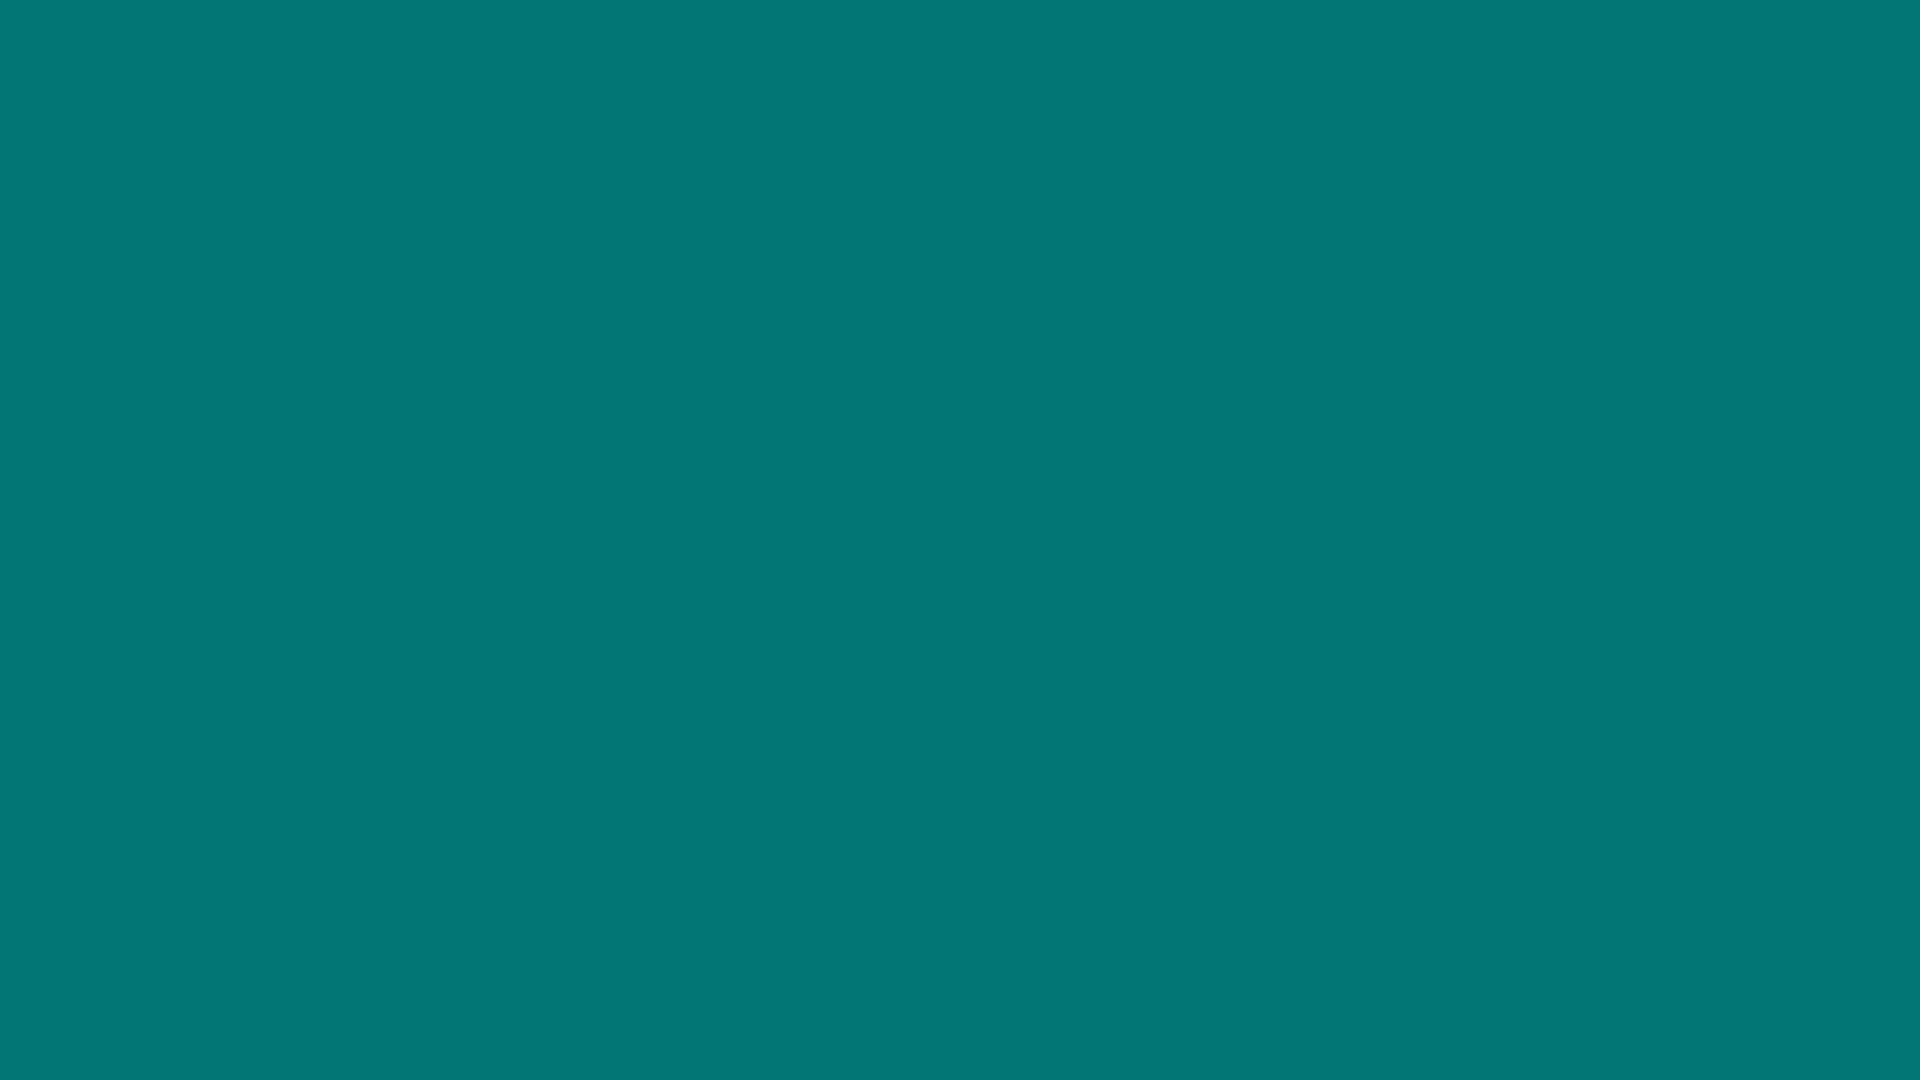 [공고] 서울대학교 아시아연구소 [중국진출기업연구] 연구보조원 채용 공고